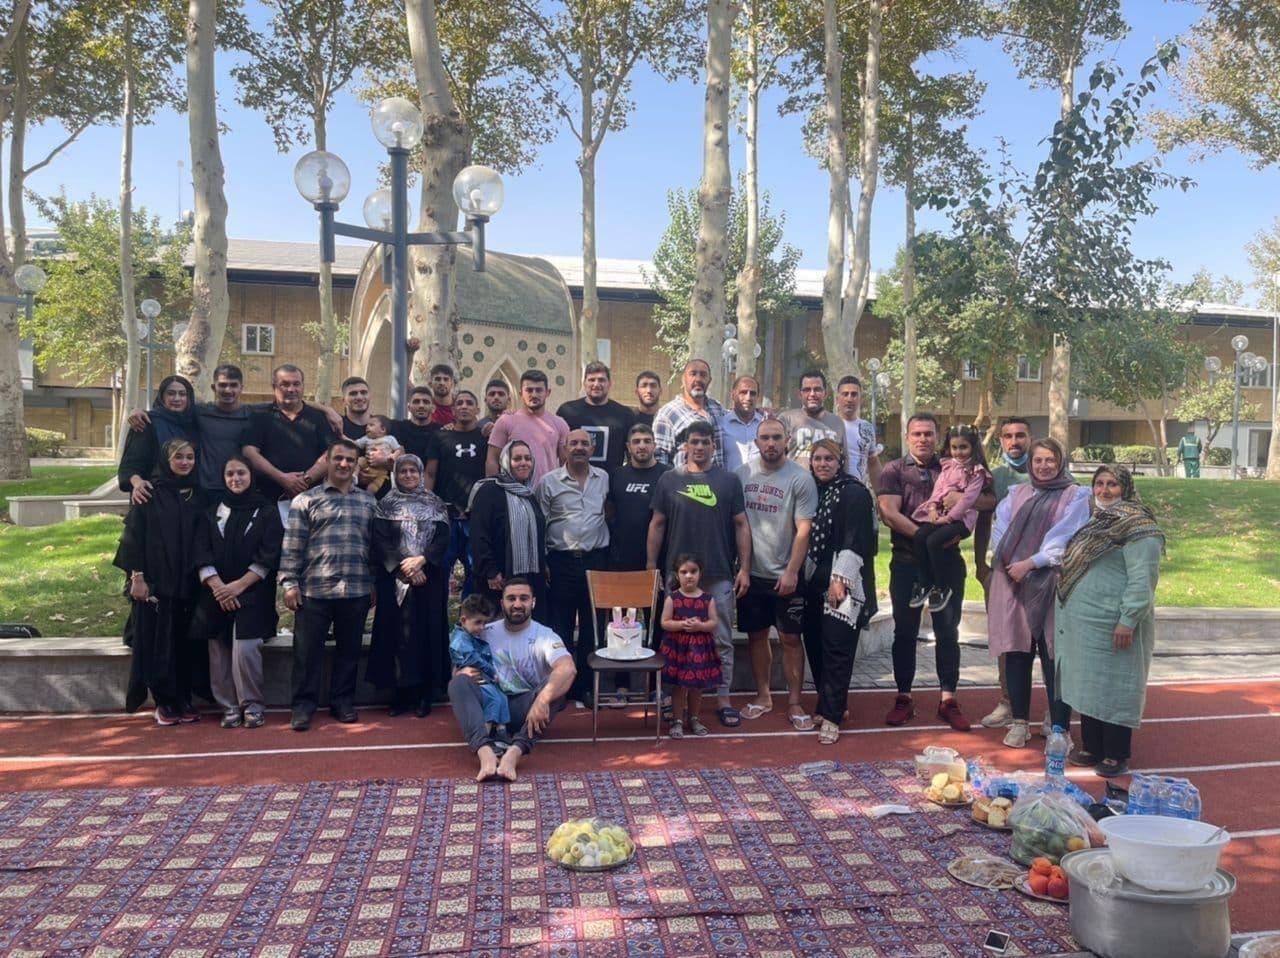 دیدار روحیه بخش ملی پوشان کشتی ایران با خانوادههایشان/عکس